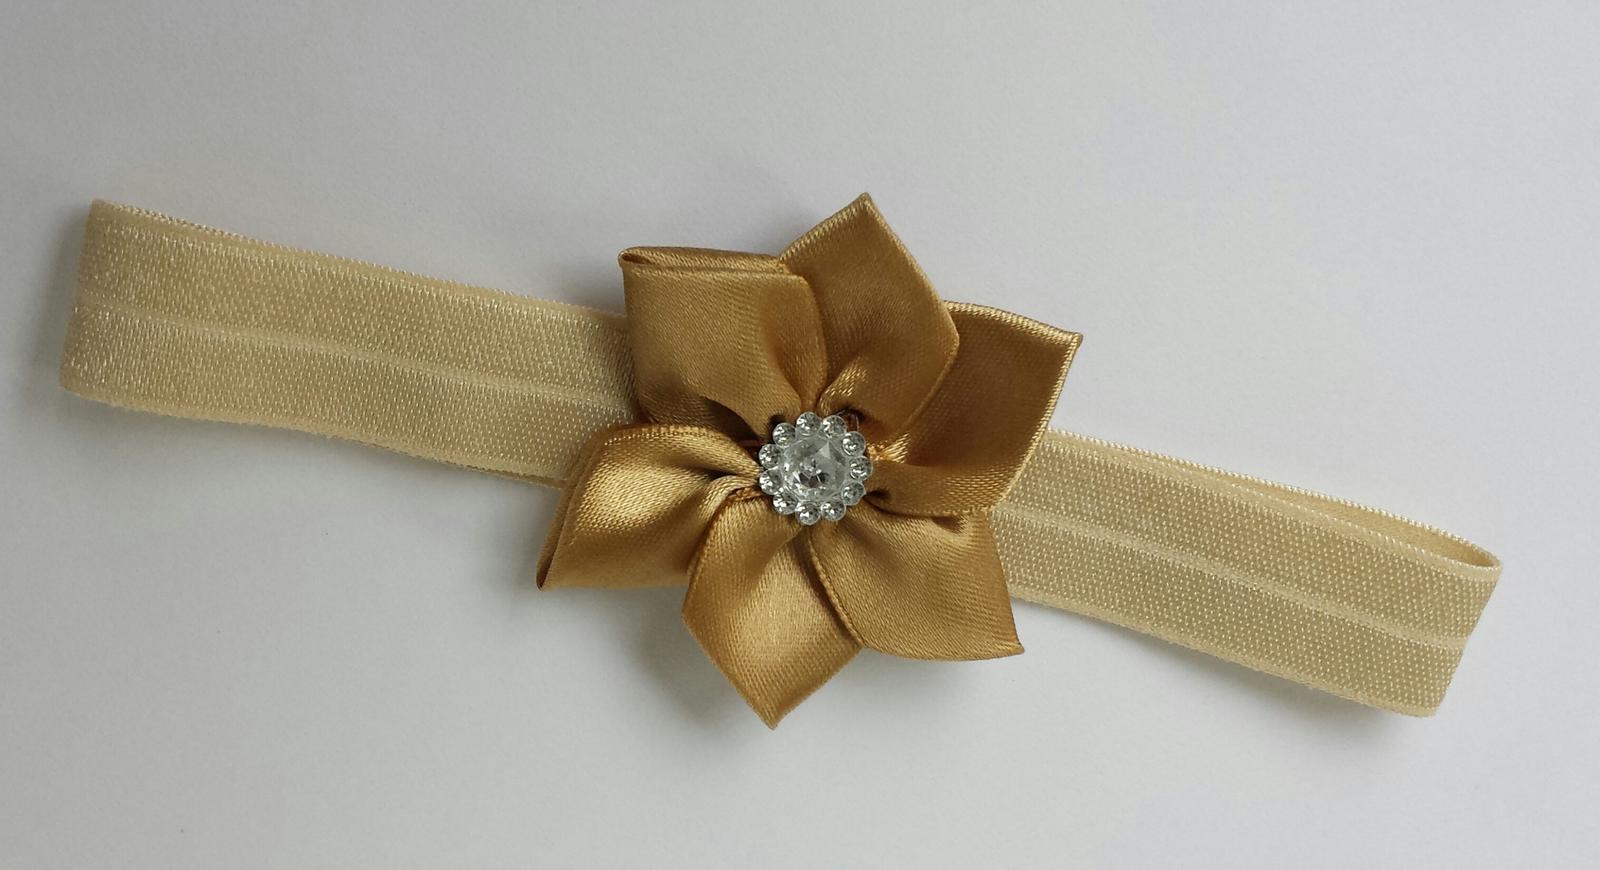 Čelenka pro malou družičku zlatý kanzashi kvítek - Obrázek č. 1